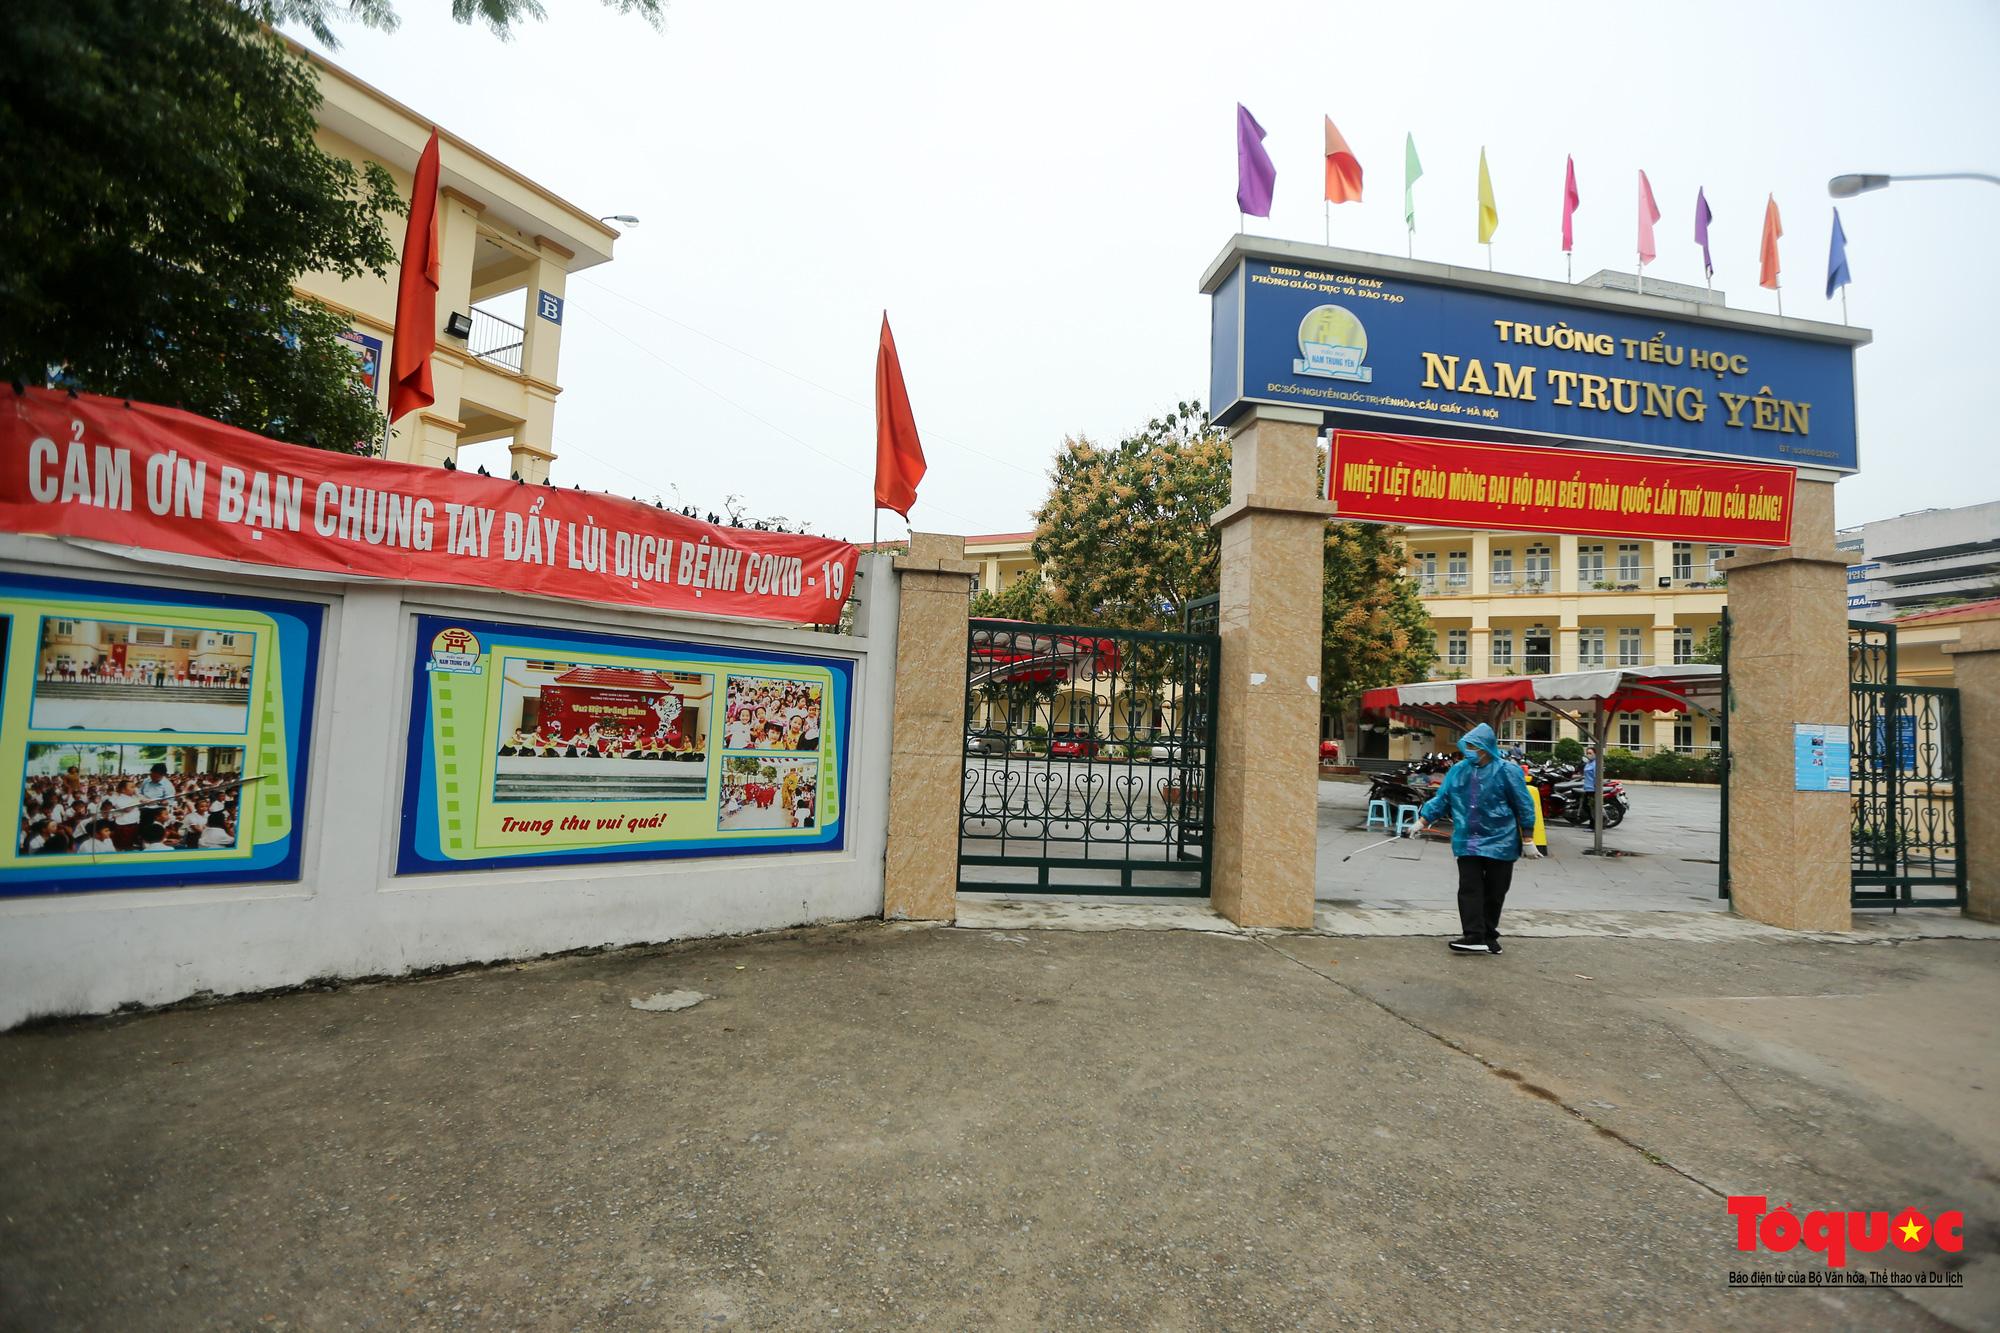 Hà Nội: Các trường học tổng vệ sinh, xây dựng phương án đón học sinh trở lại trường - Ảnh 1.